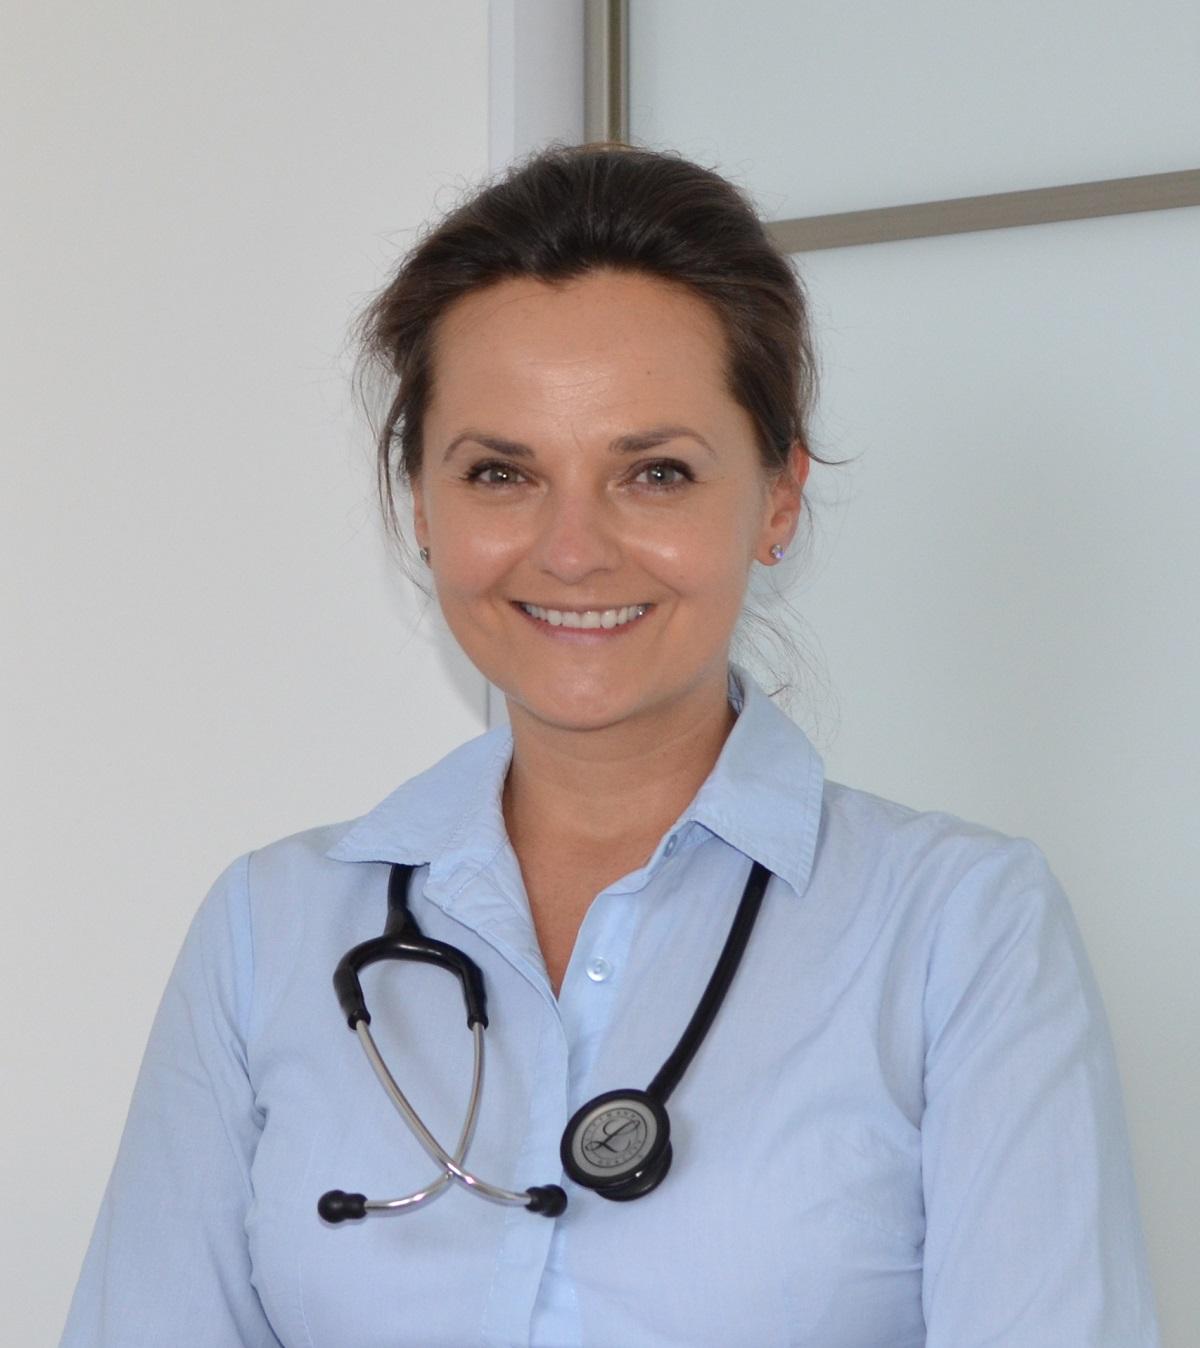 Mirosława Widełka-Skibińska